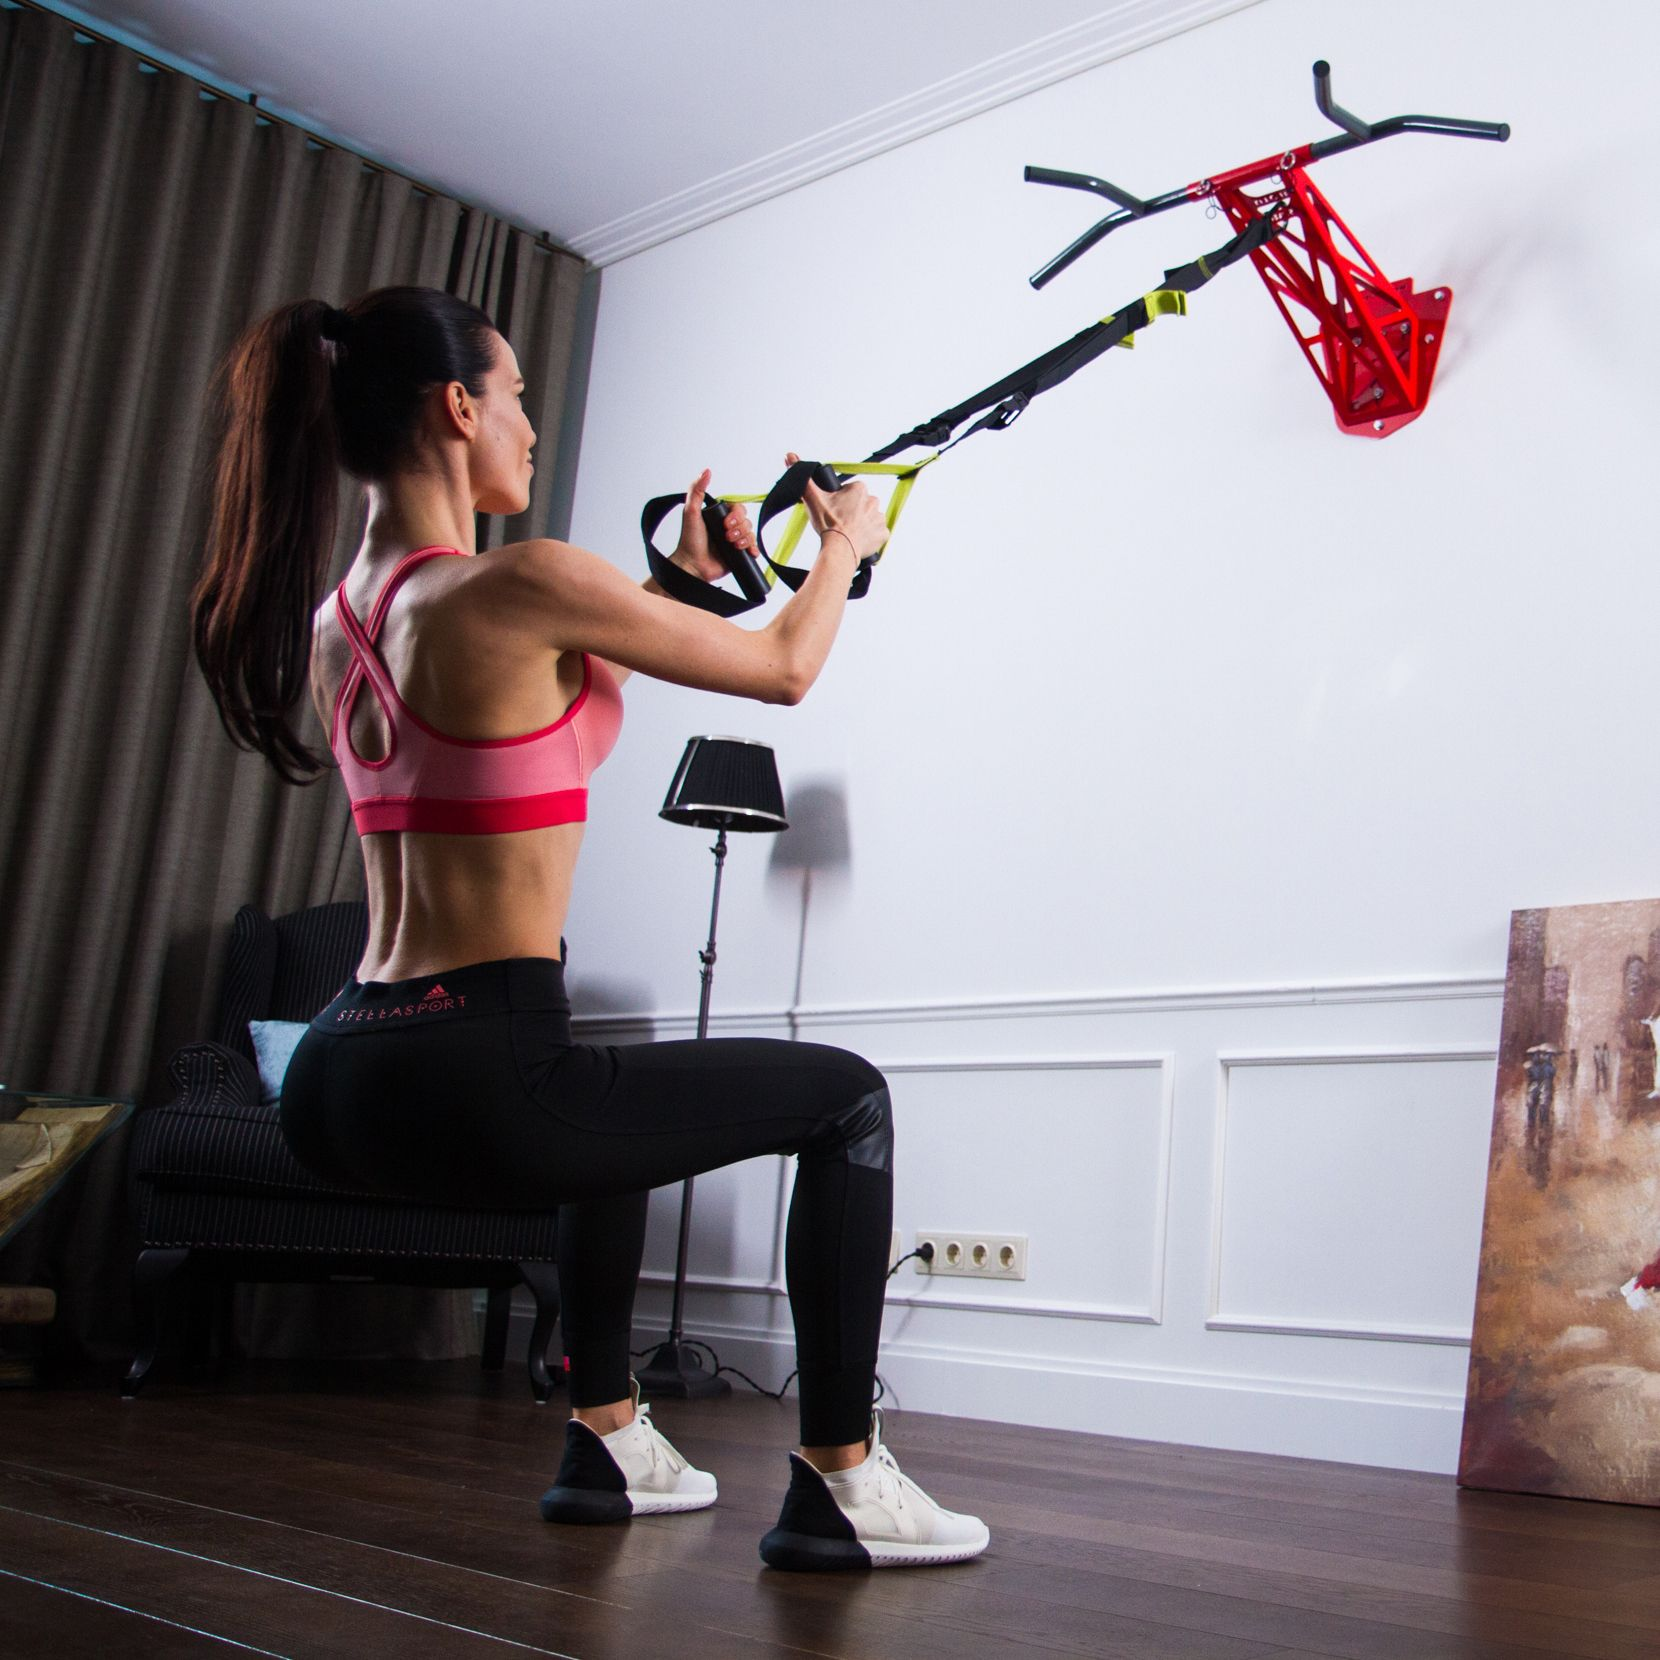 Спортивный инвентарь для дома: фото и описание